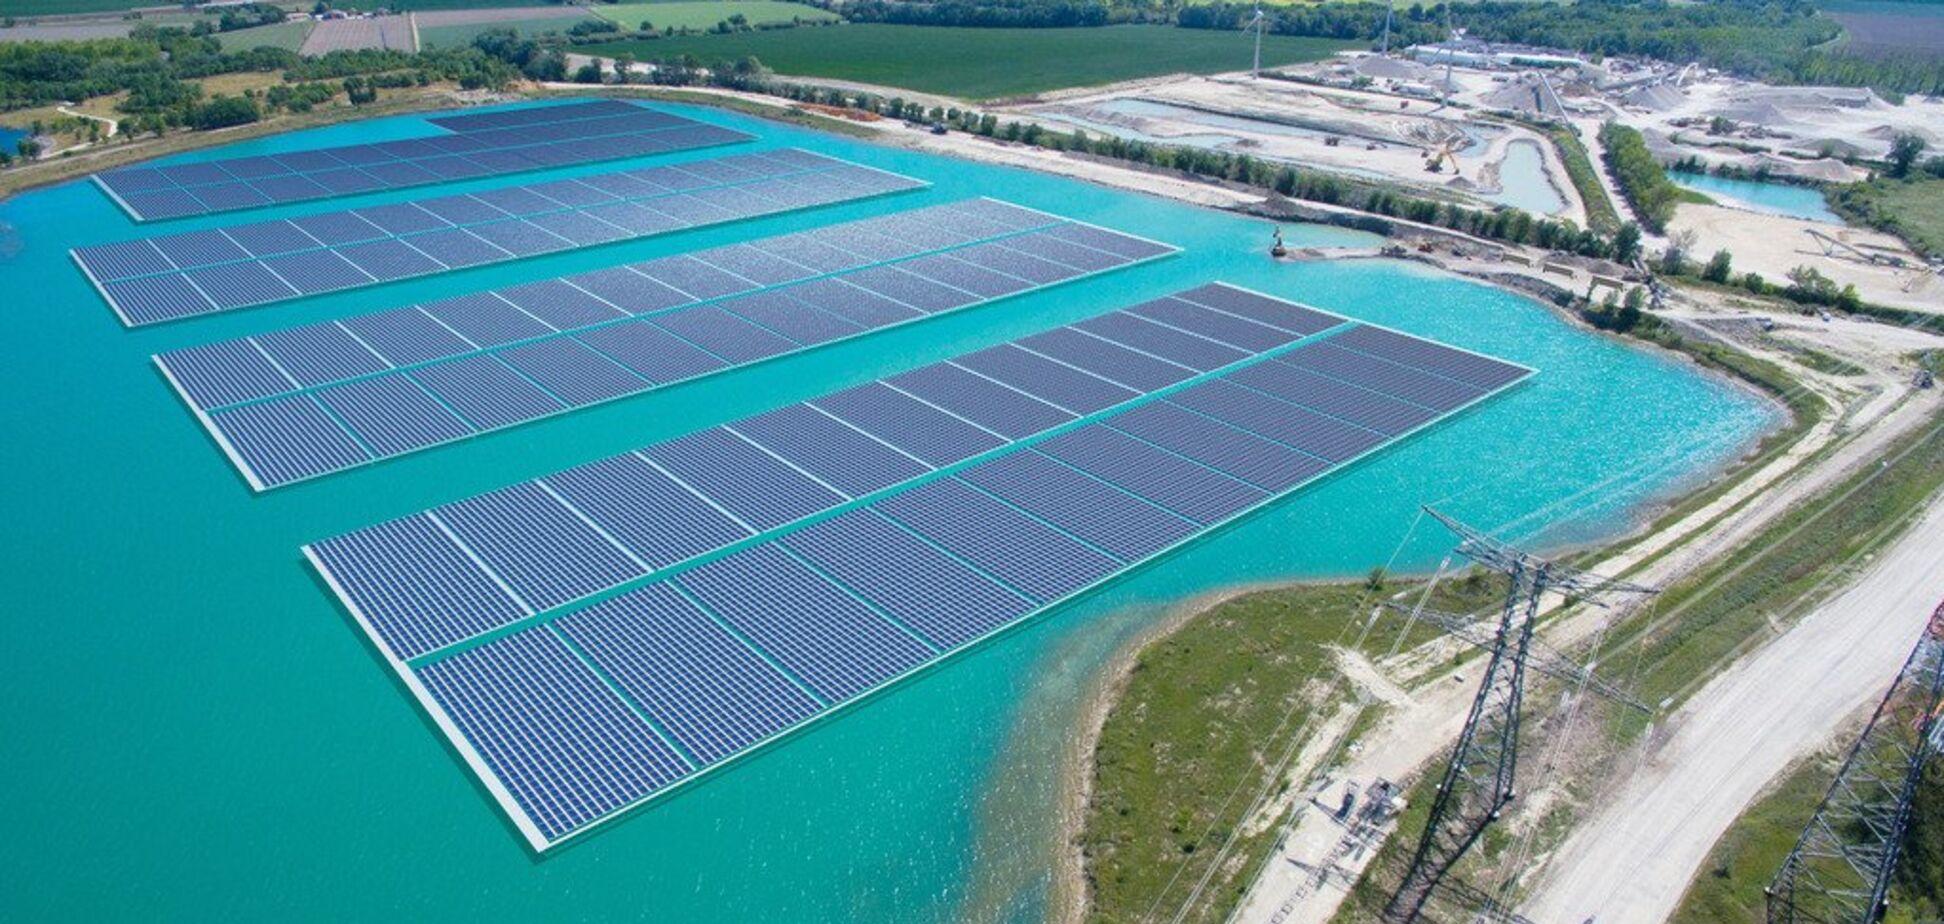 Плавучий электрогенератор: в Европе открылась необычная солнечная электростанция: видео